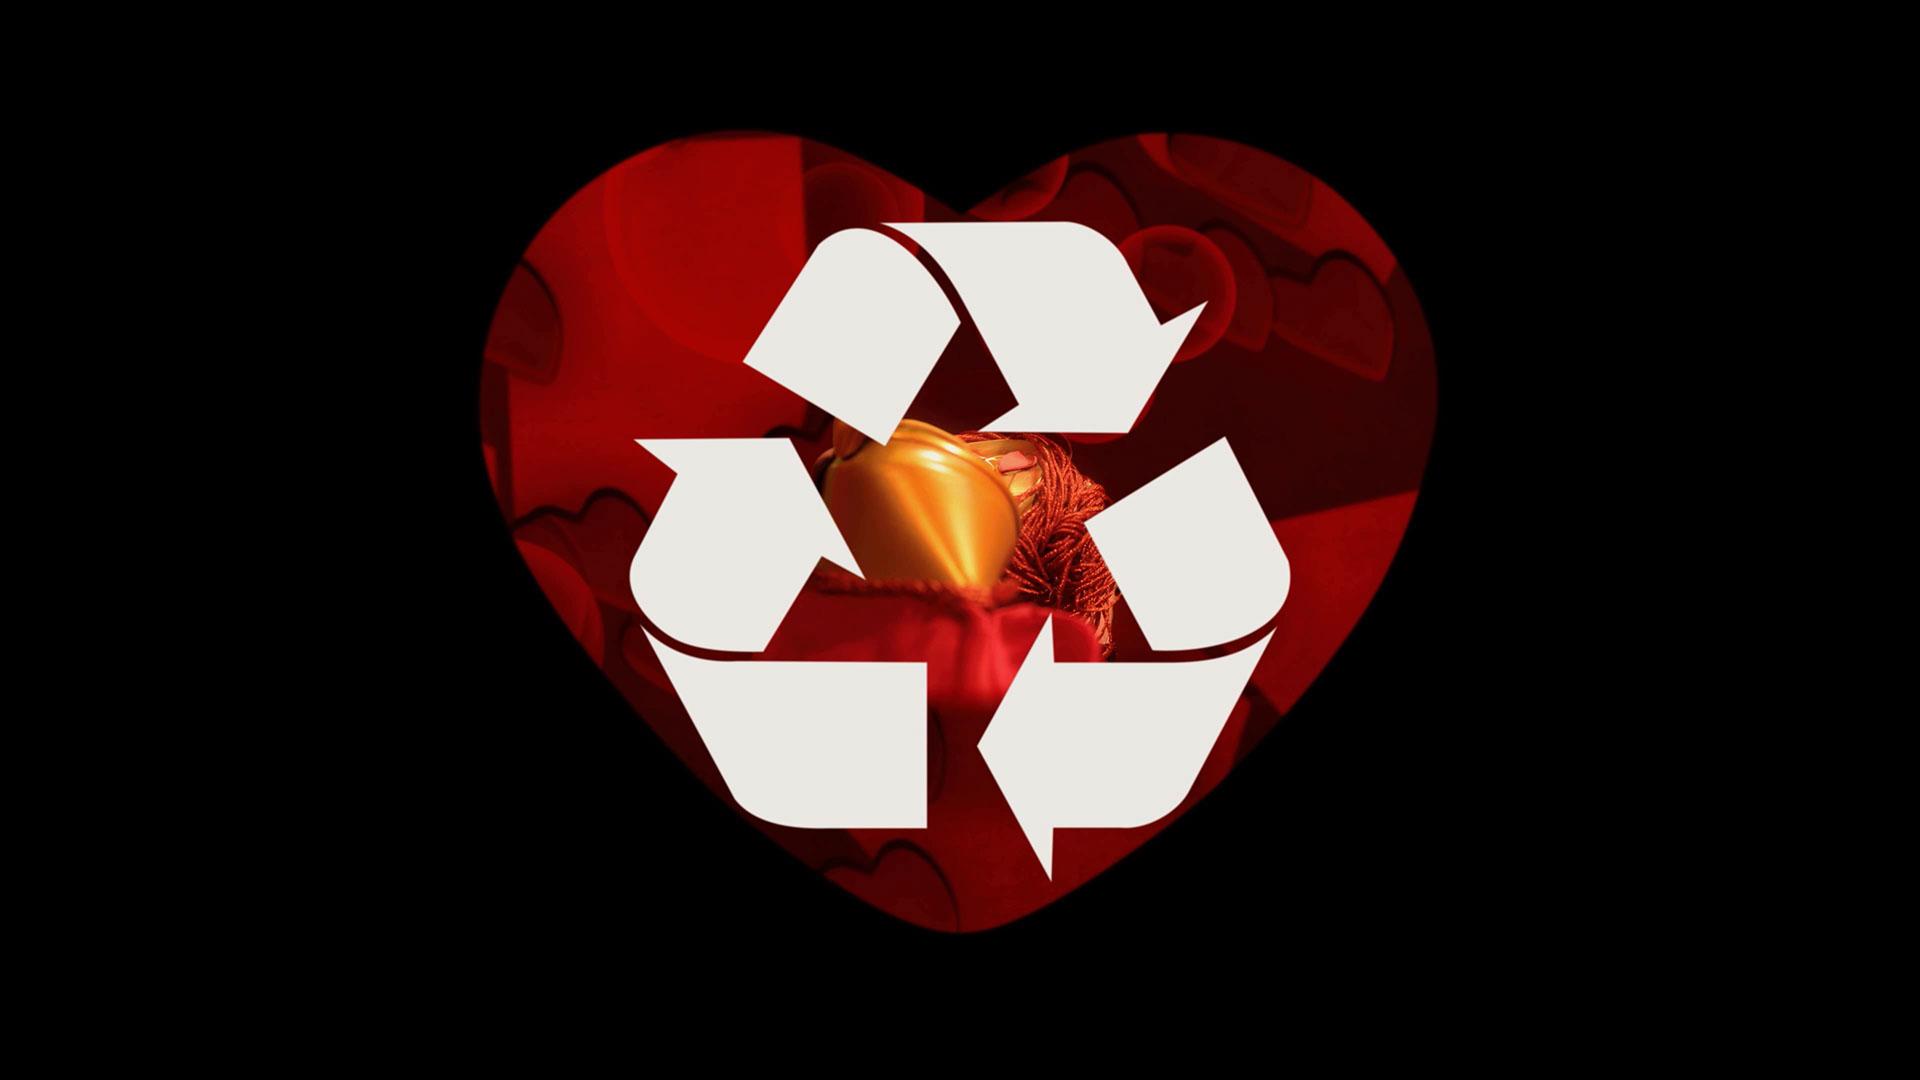 Tin Story by DiMMD dettaglio graphic design cuore del finale